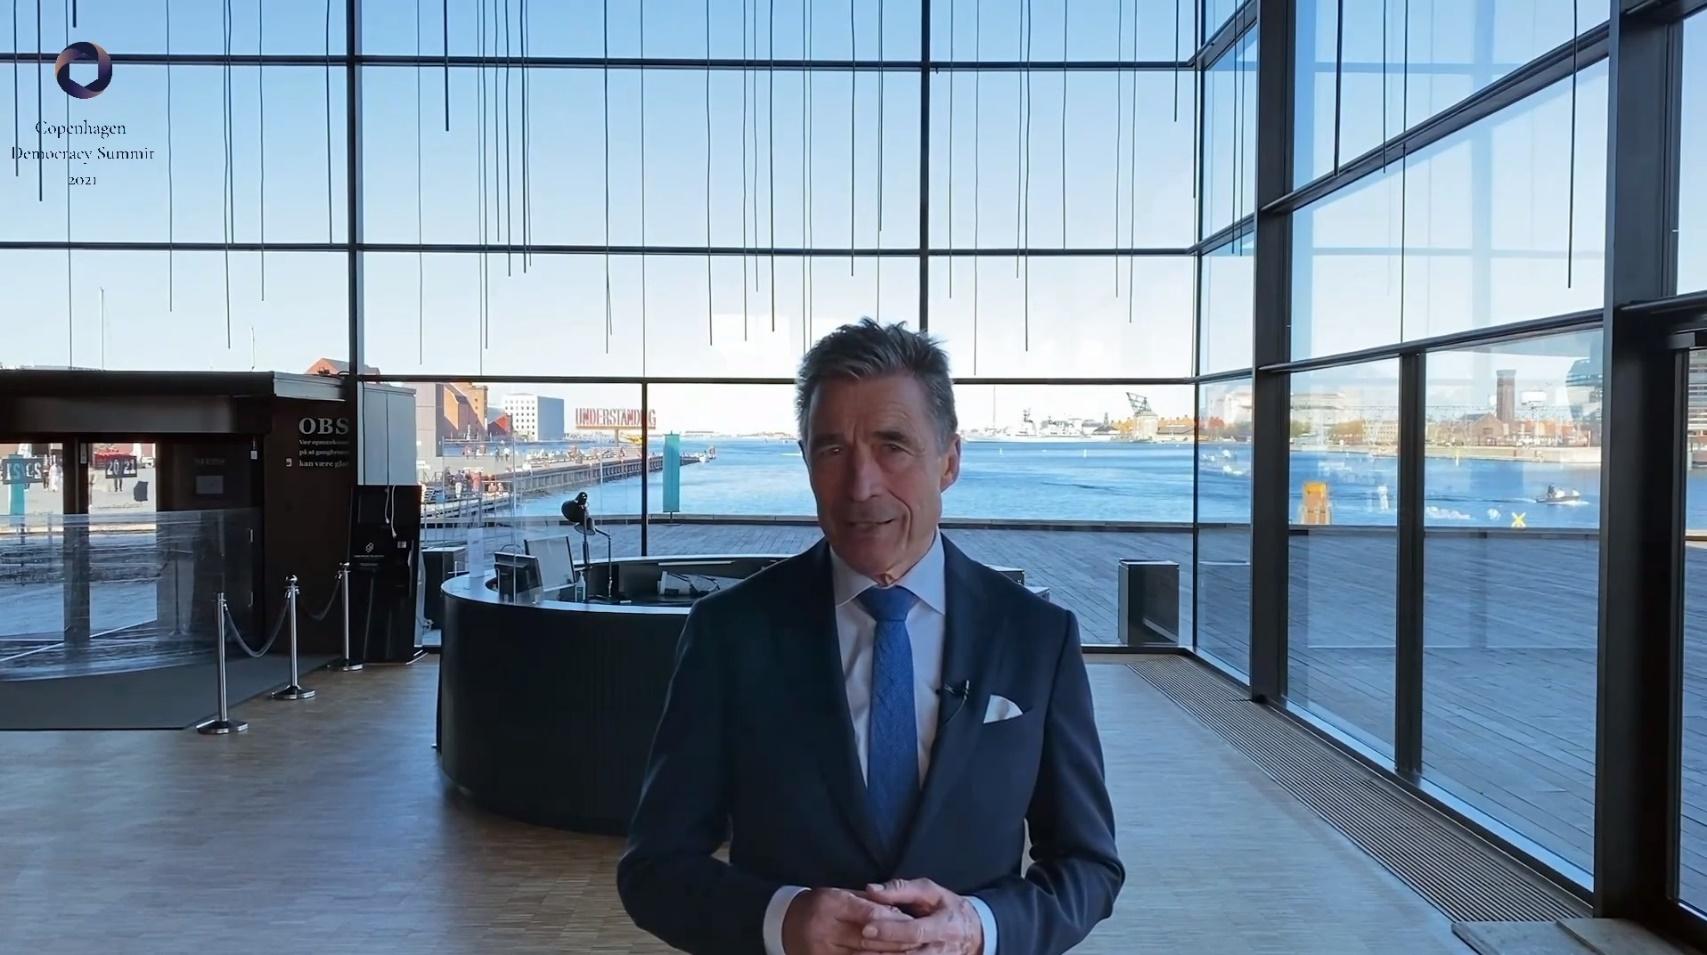 哥本哈根民主峰會是由前丹麥首相安達斯•拉斯蒙臣,他在峰會開始前發表開場白。(影片截圖)